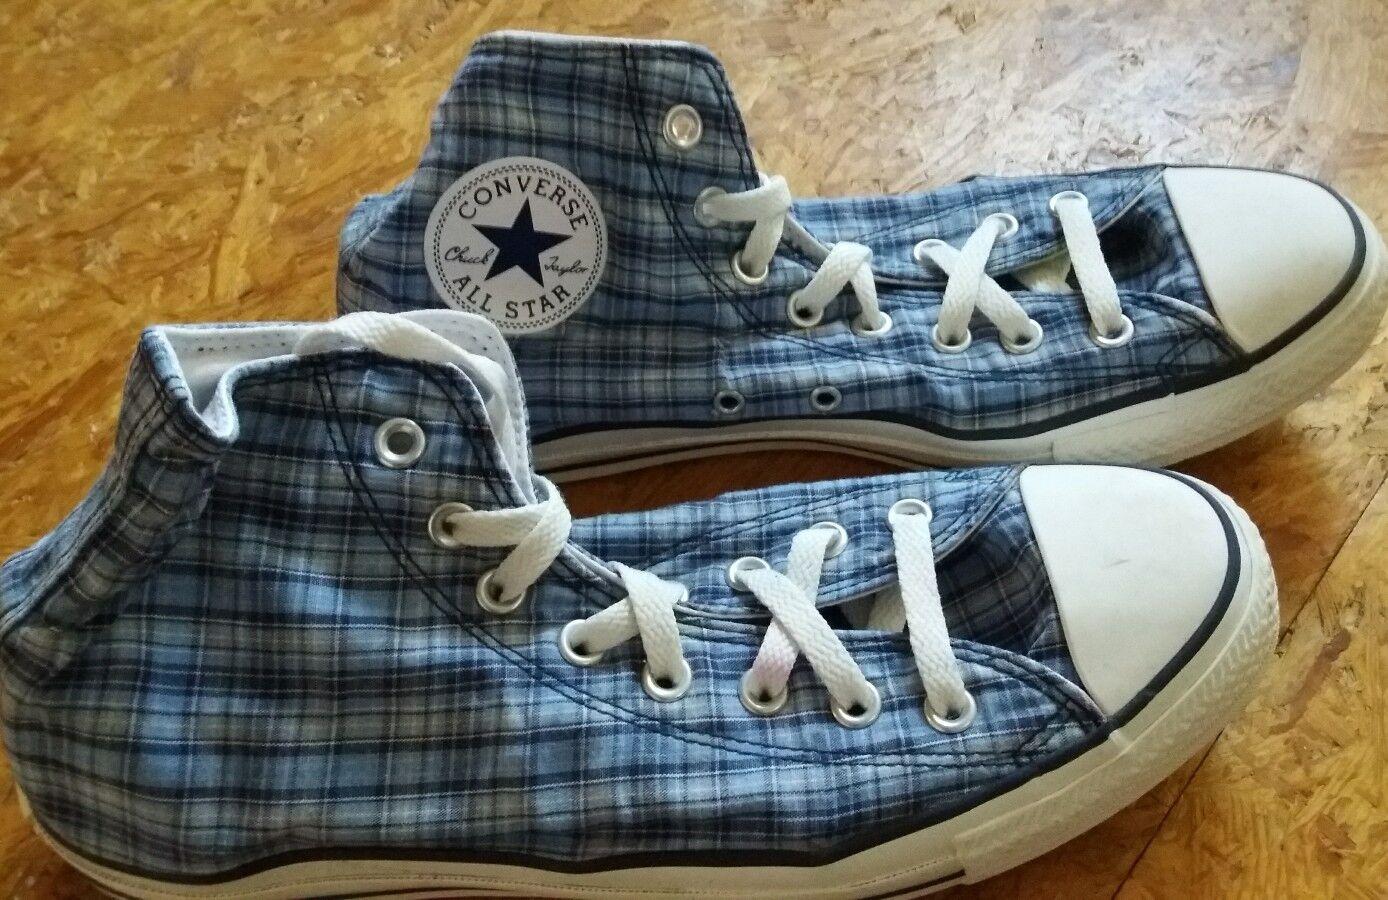 Converse All Star Gr. Chucks Gr. Star 9 blau 6be470